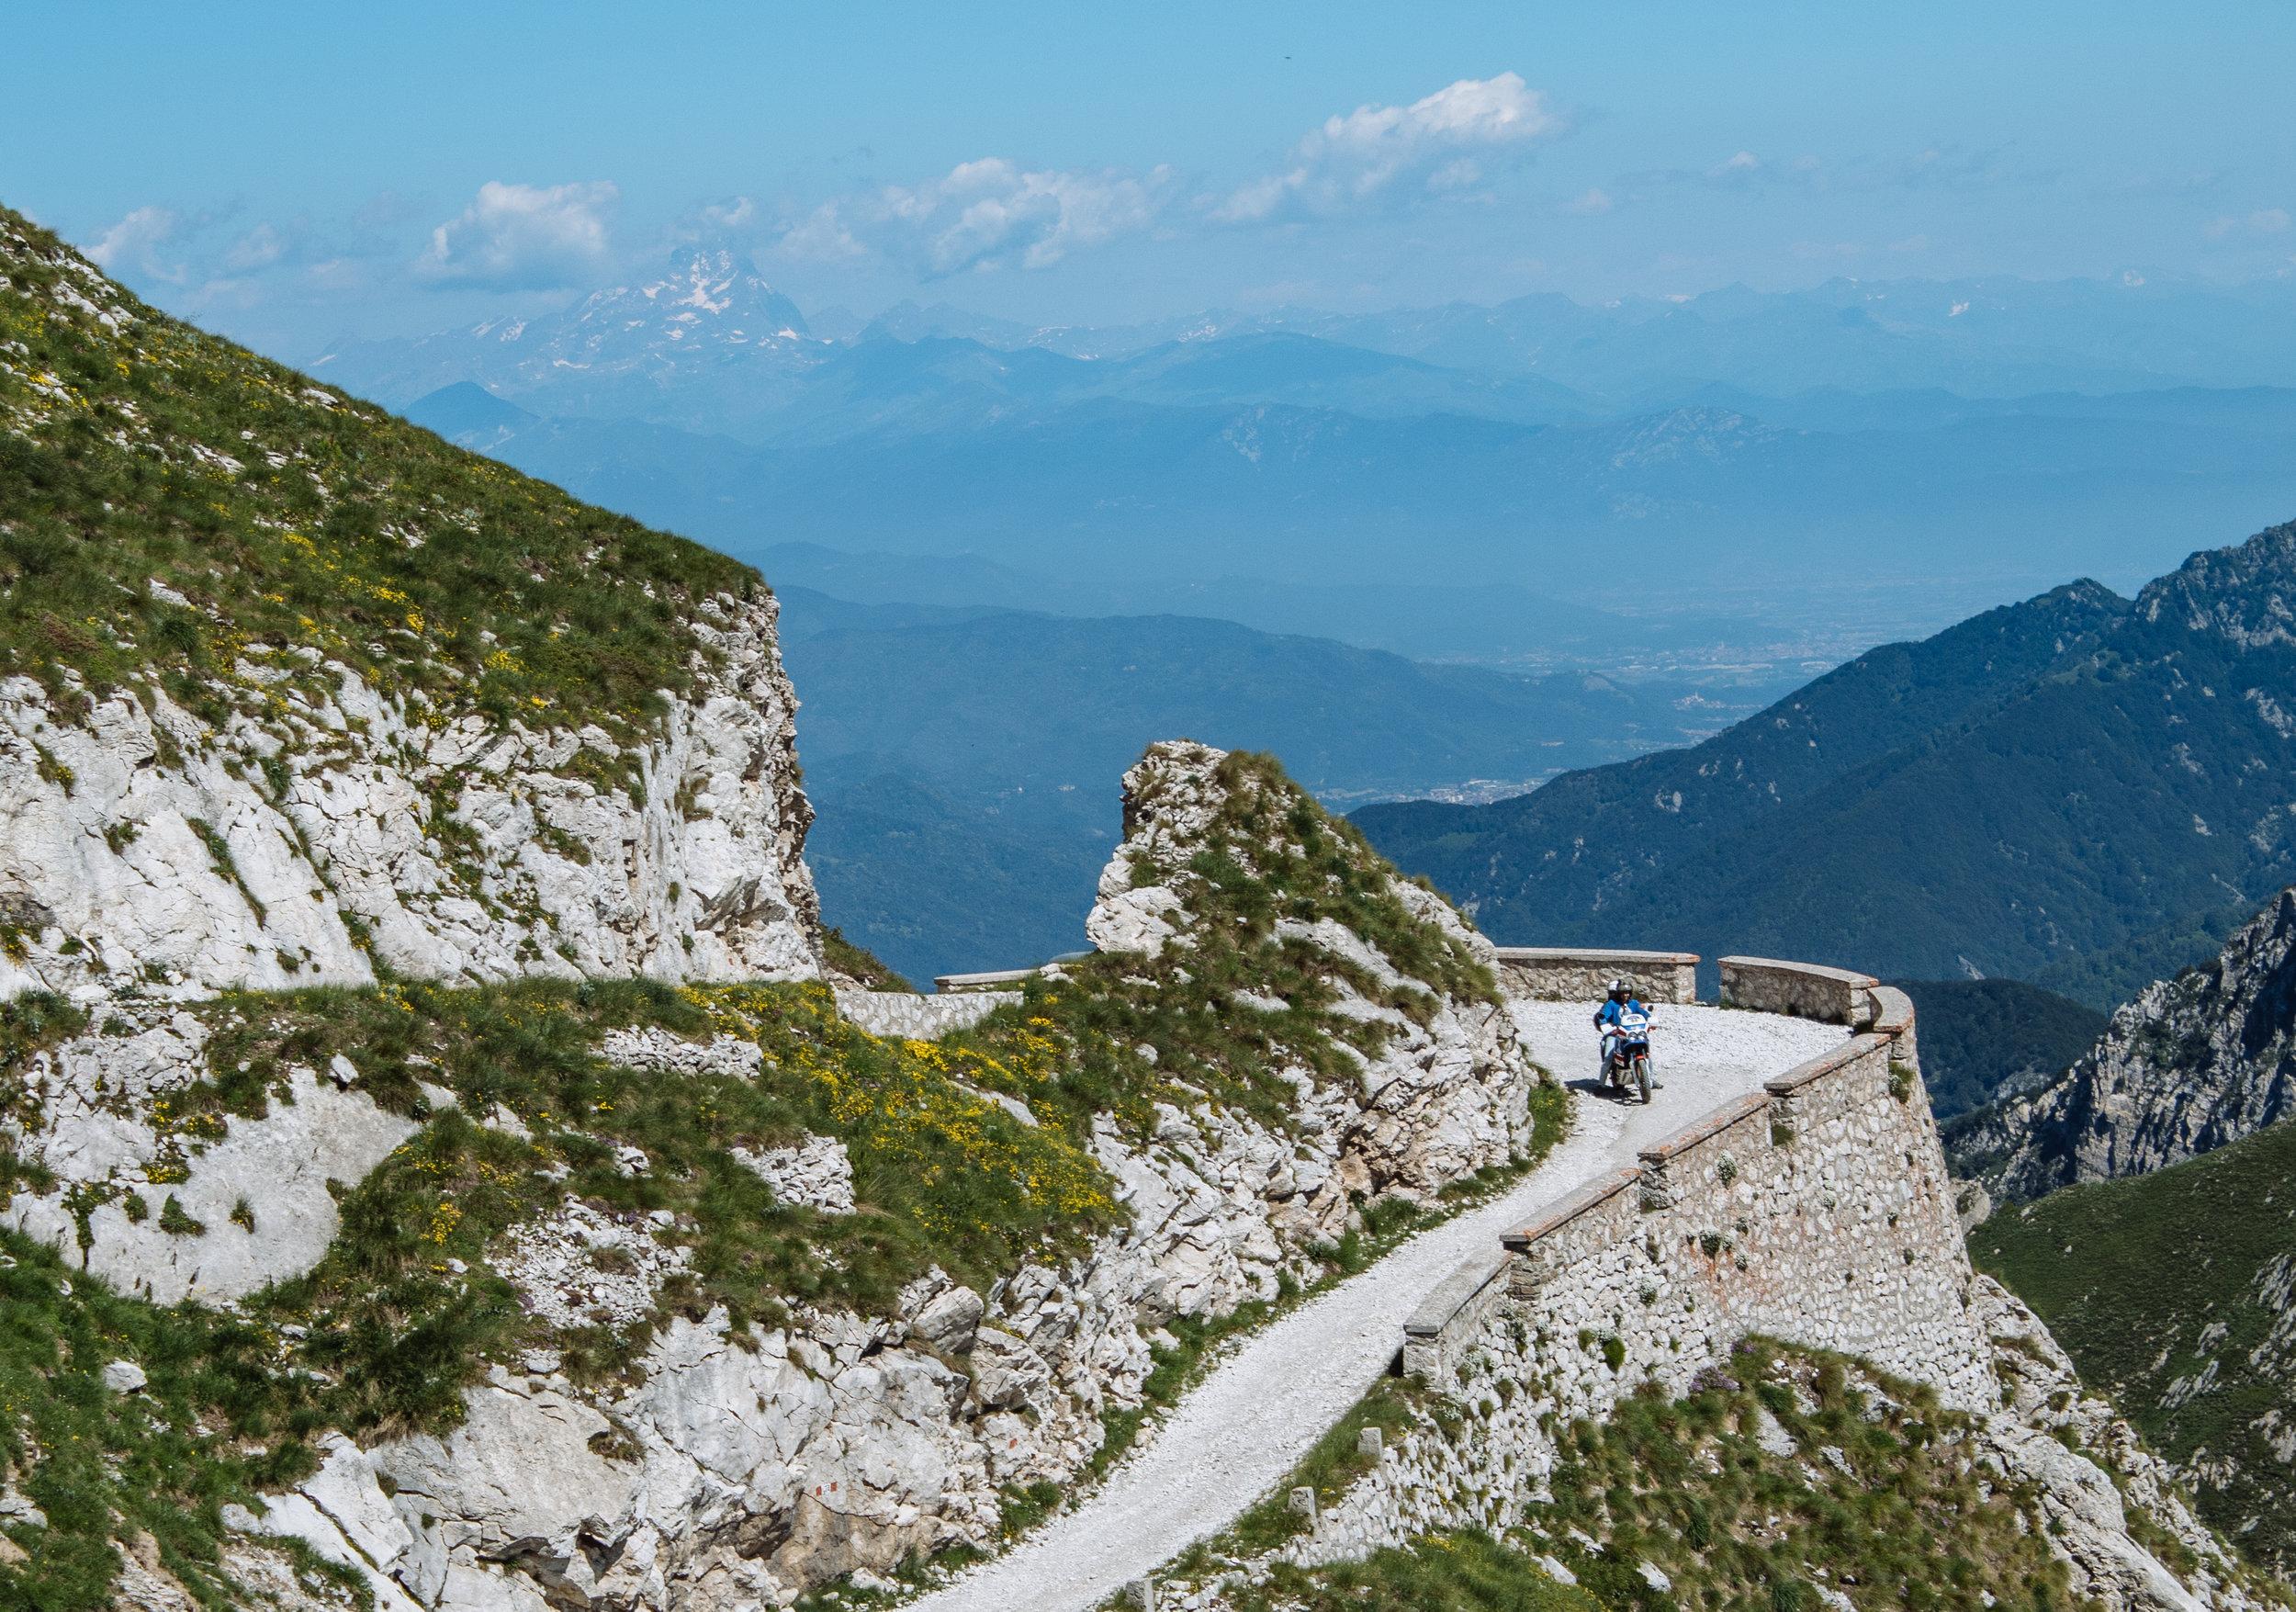 Mt Viso overlooking a cornering biker